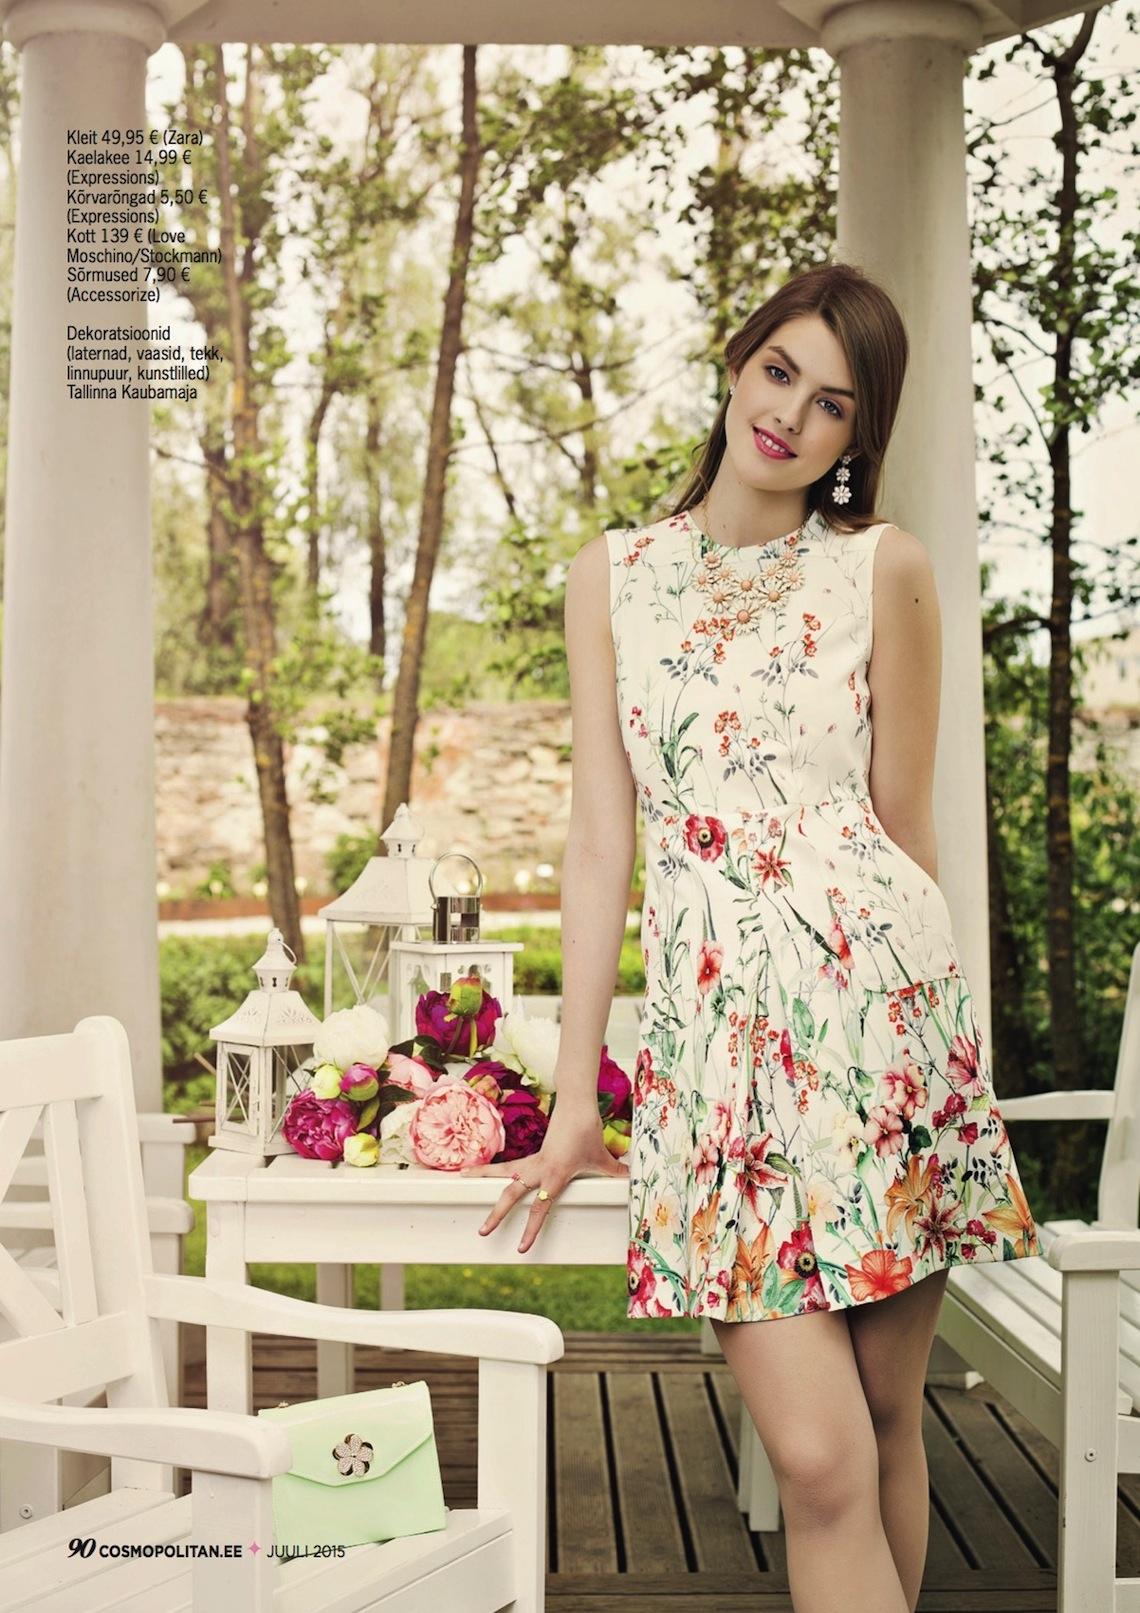 122-aija-kivi-for-cosmopolitan-estonia-magazine-stylist-fashion-editor